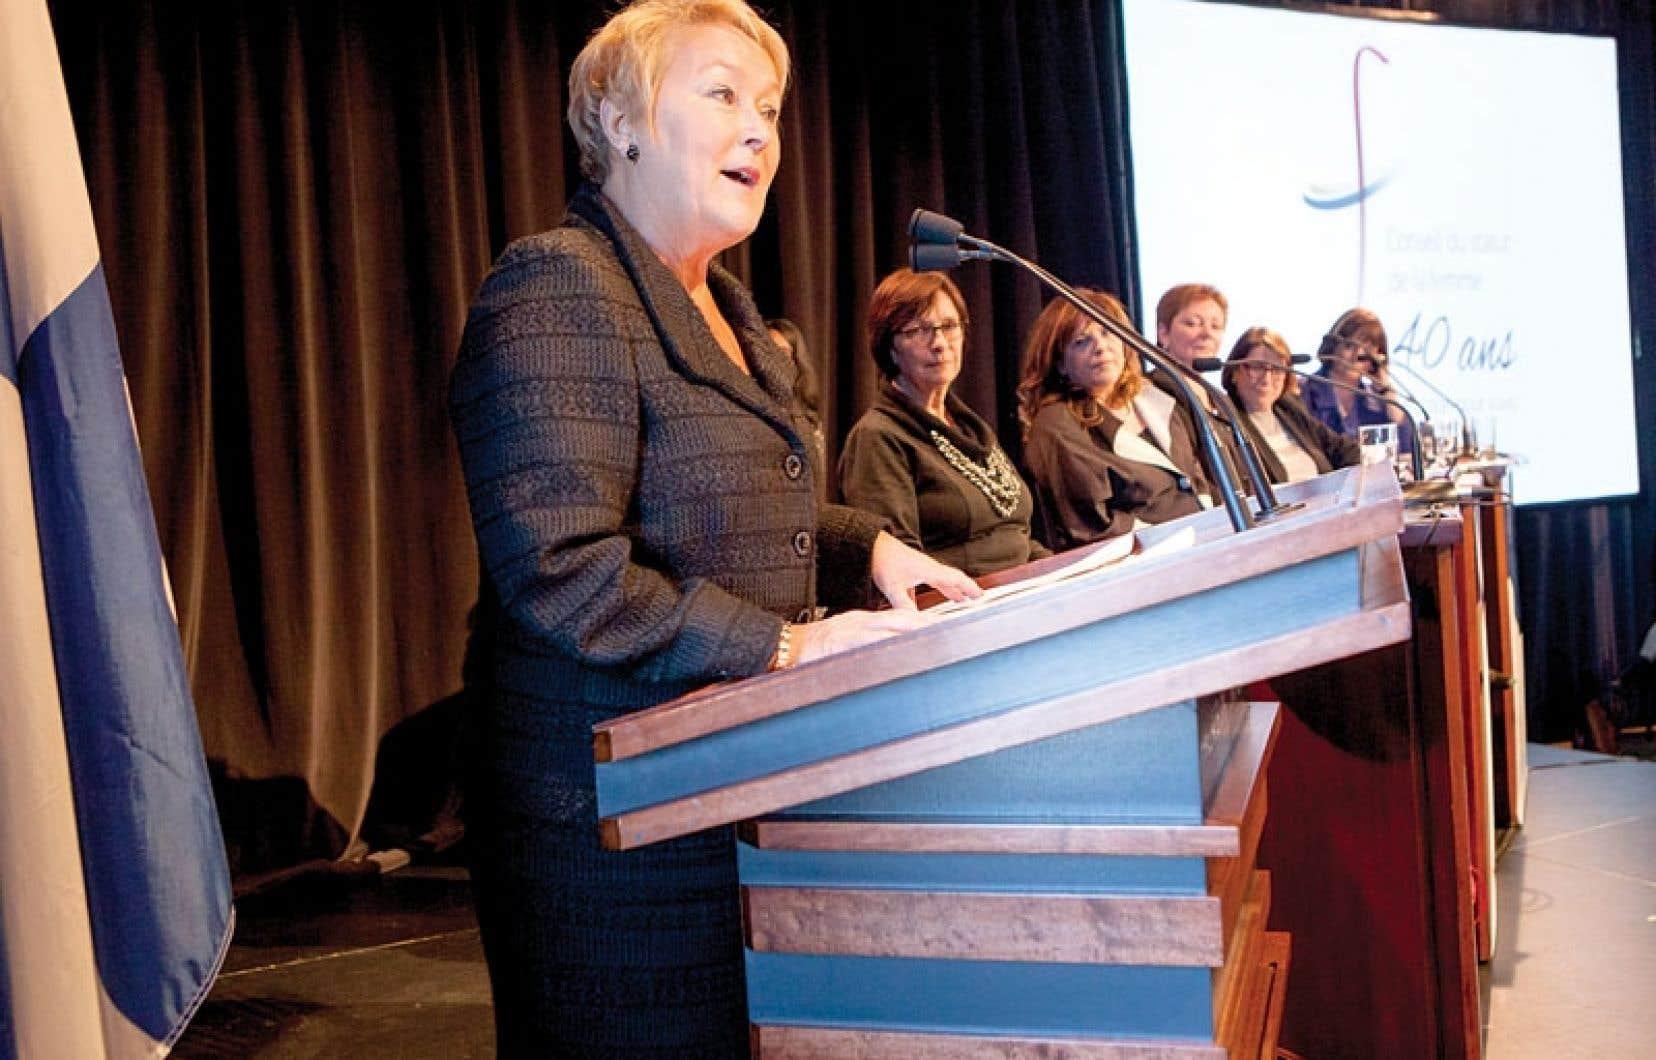 « La situation des femmes au Québec se compare maintenant avantageusement à celle de bien des pays. Elle nous permet même d'exprimer notre solidarité à l'endroit de femmes d'ailleurs », a déclaré Pauline Marois mercredi.